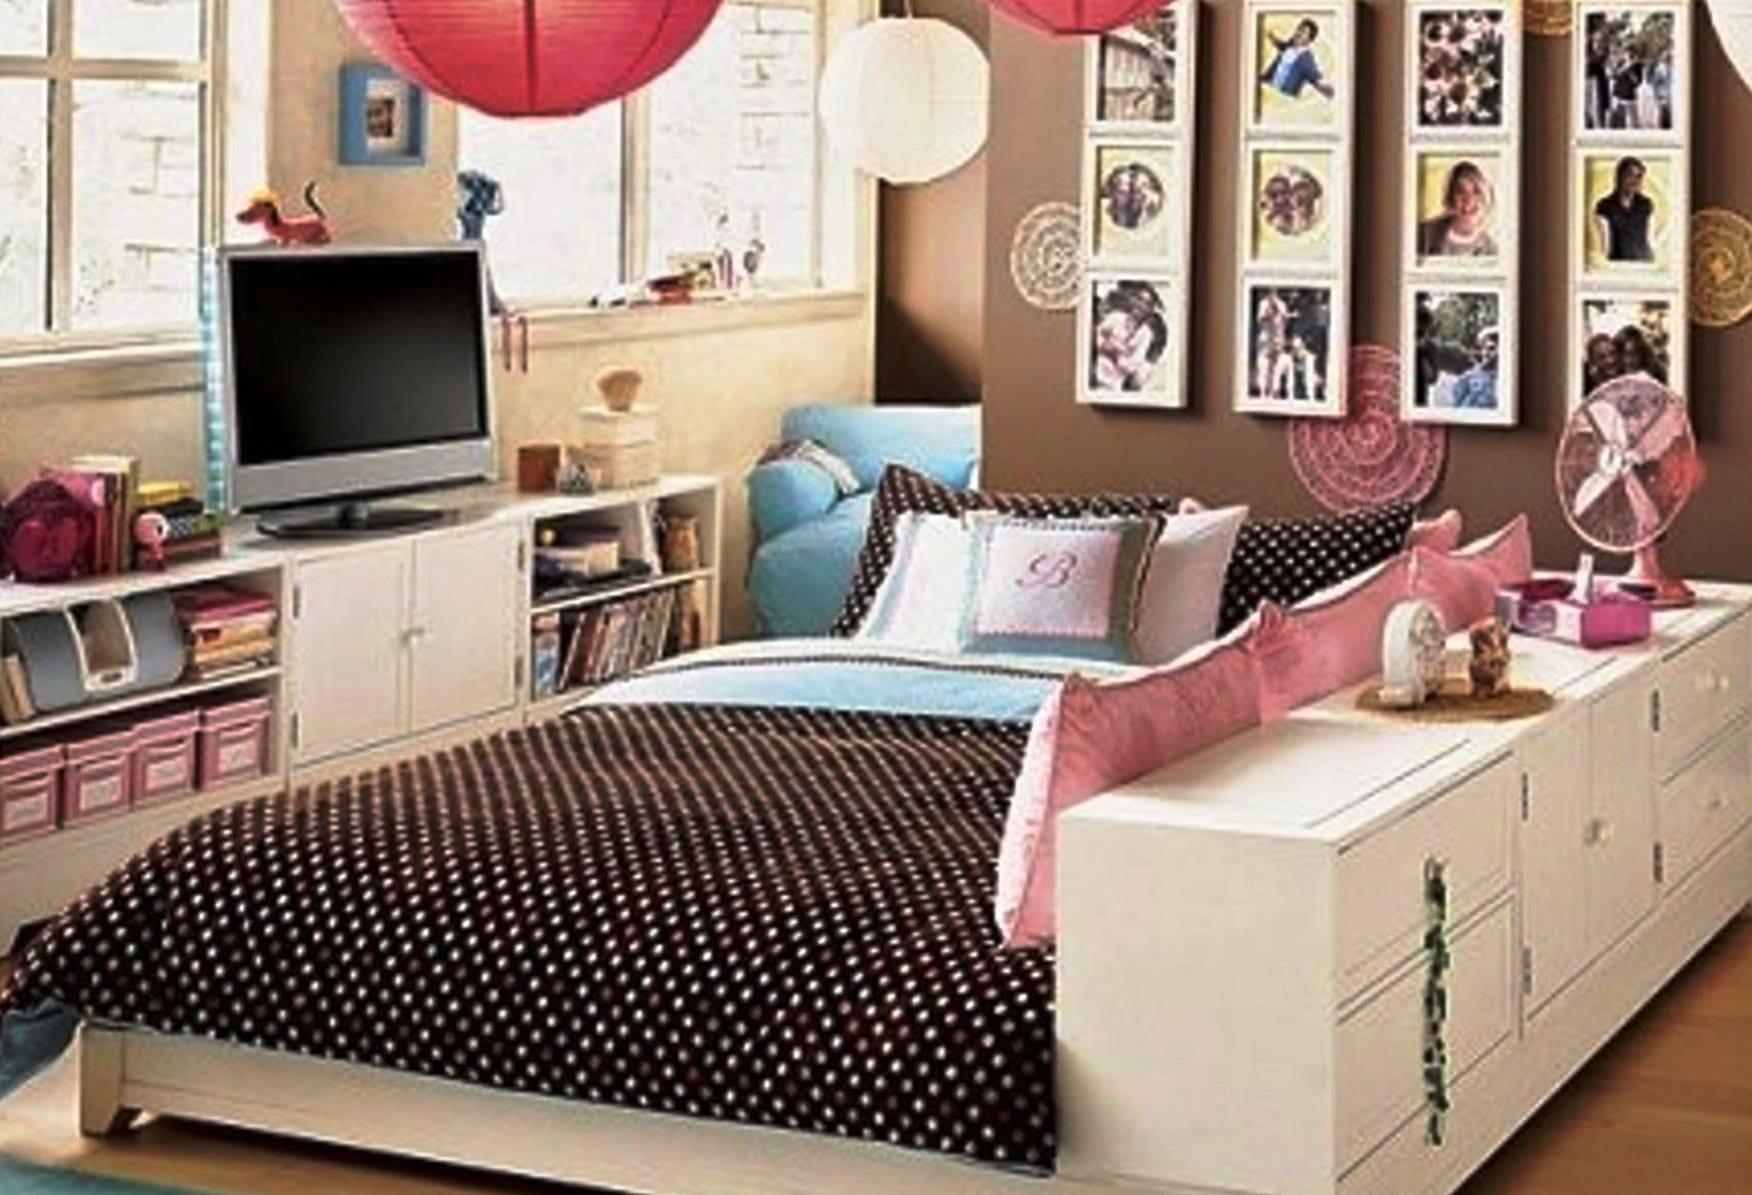 schlafzimmer mädchen mit wandfarbe braun und bilder-wanddeko_idee für einrichtung kleine kinderzimmer